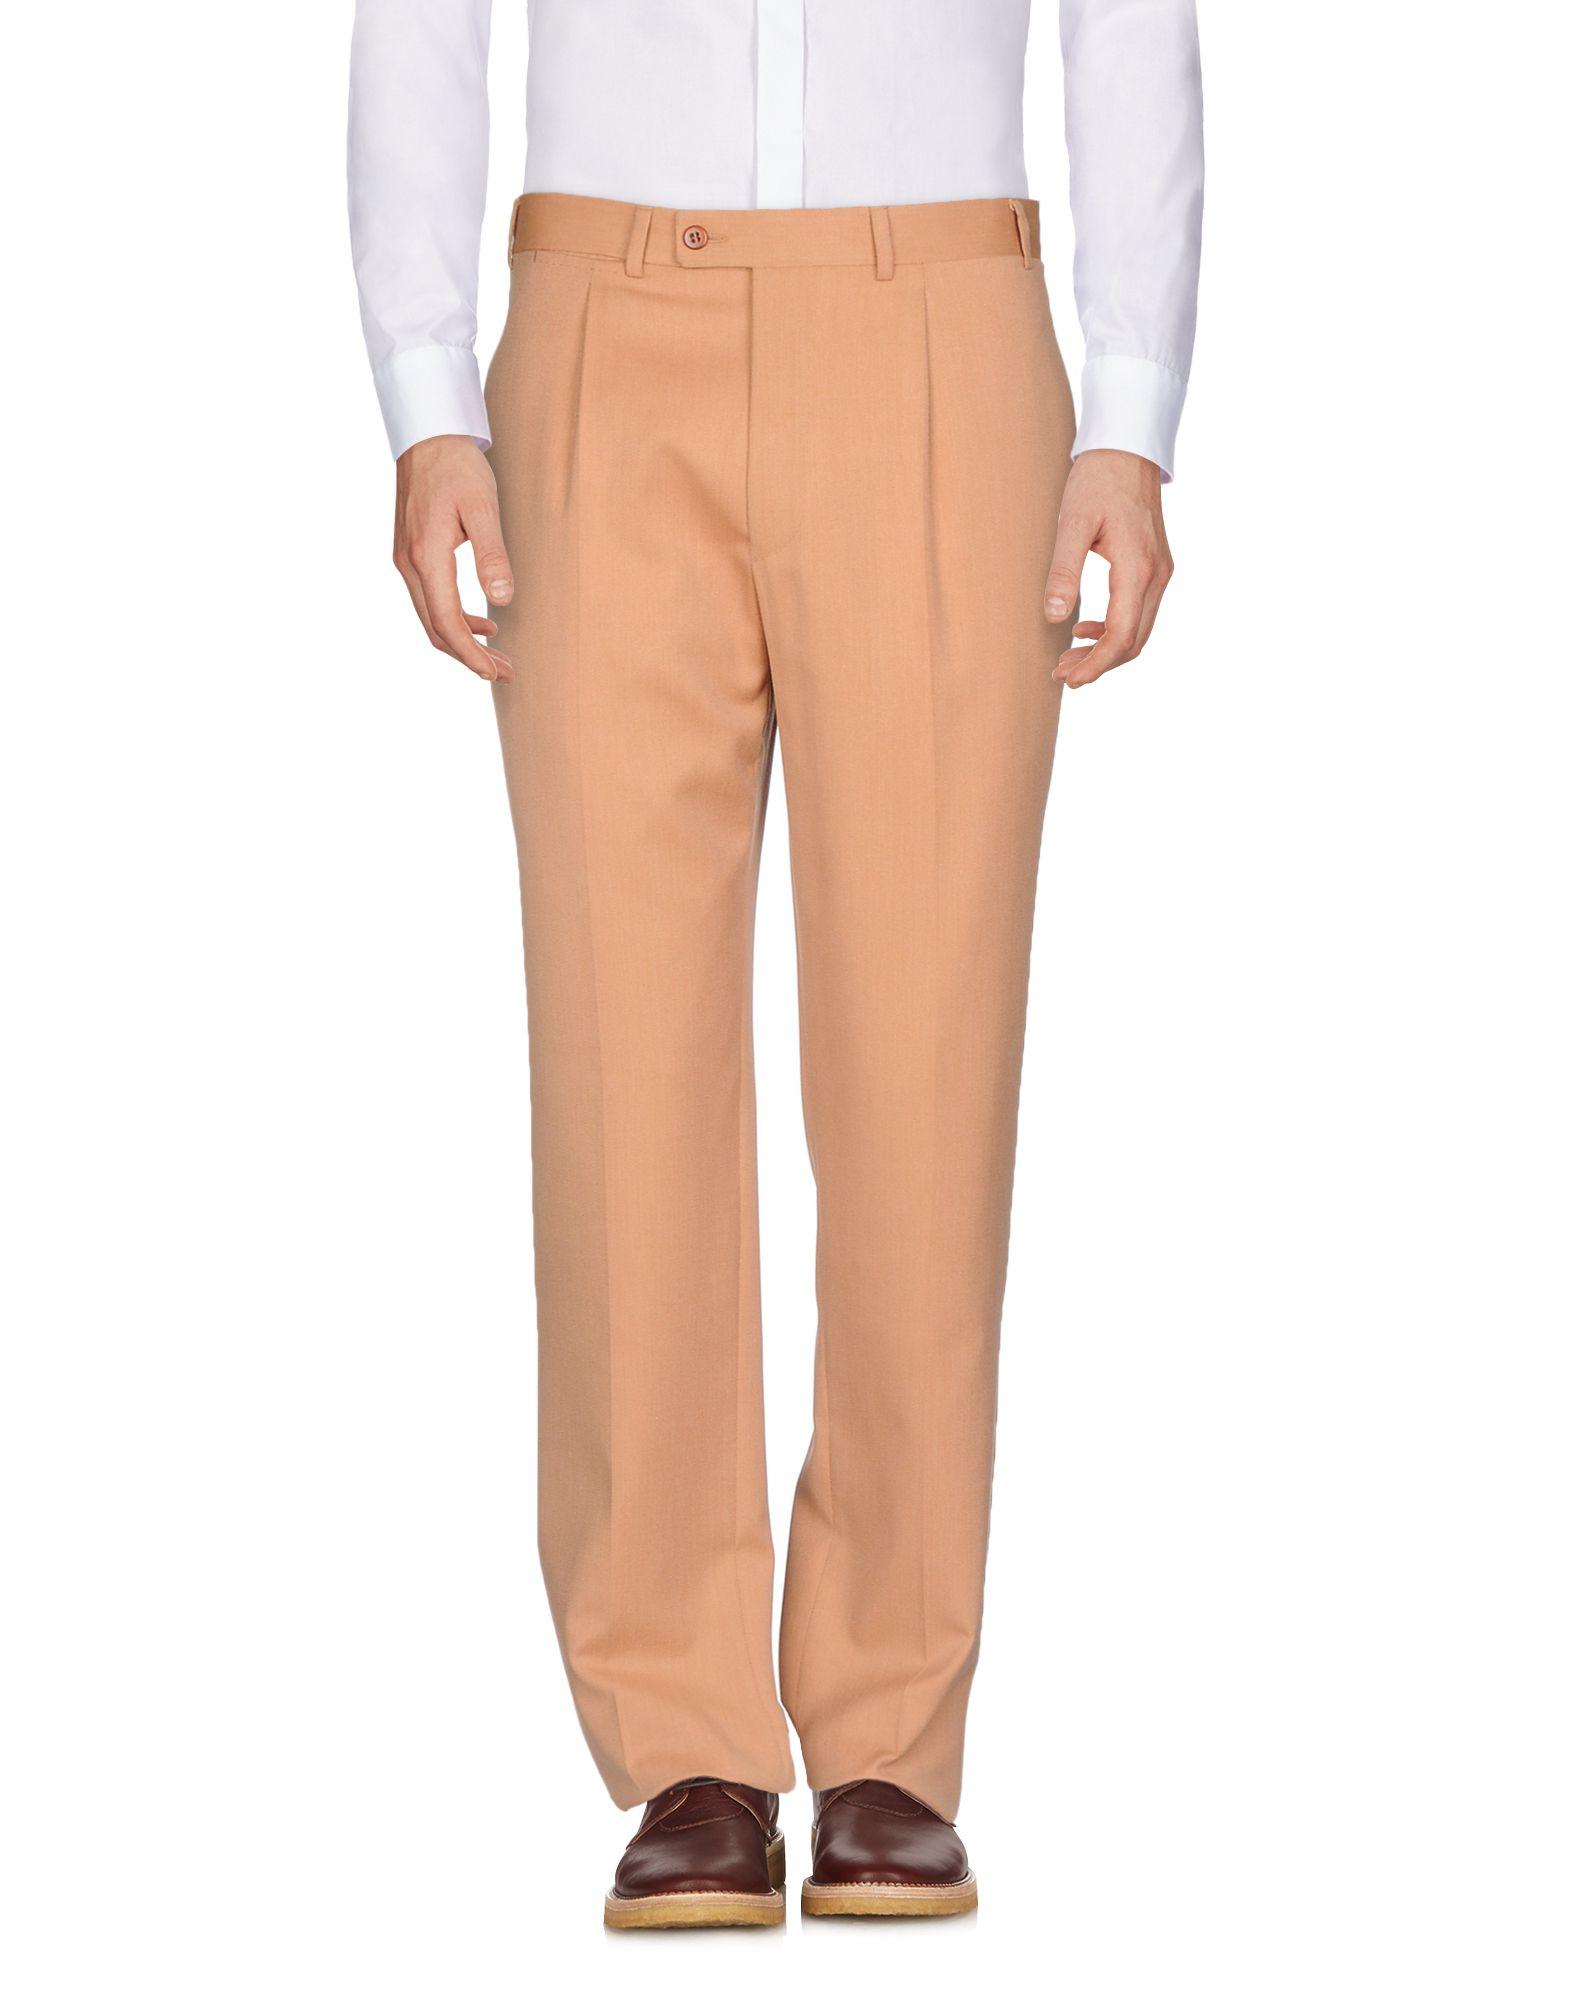 Pantalone Zanella Uomo - Acquista online su